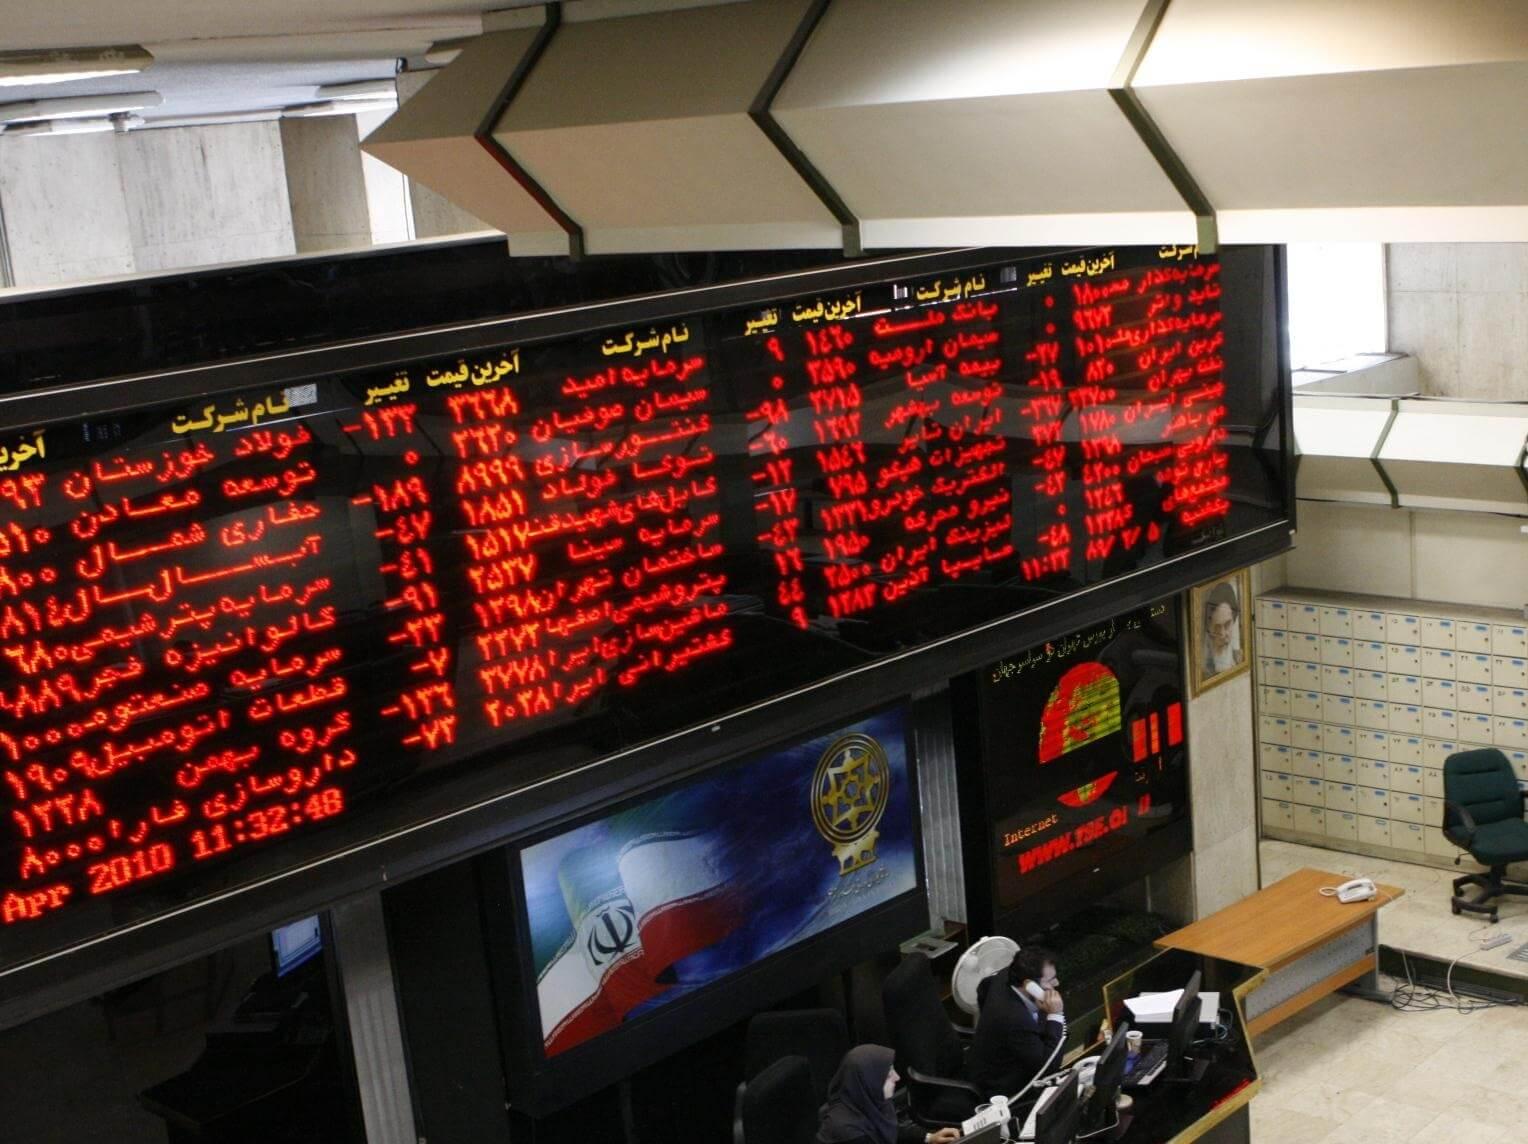 سهامداران بورس متقاضی کدام نمادها هستند؟